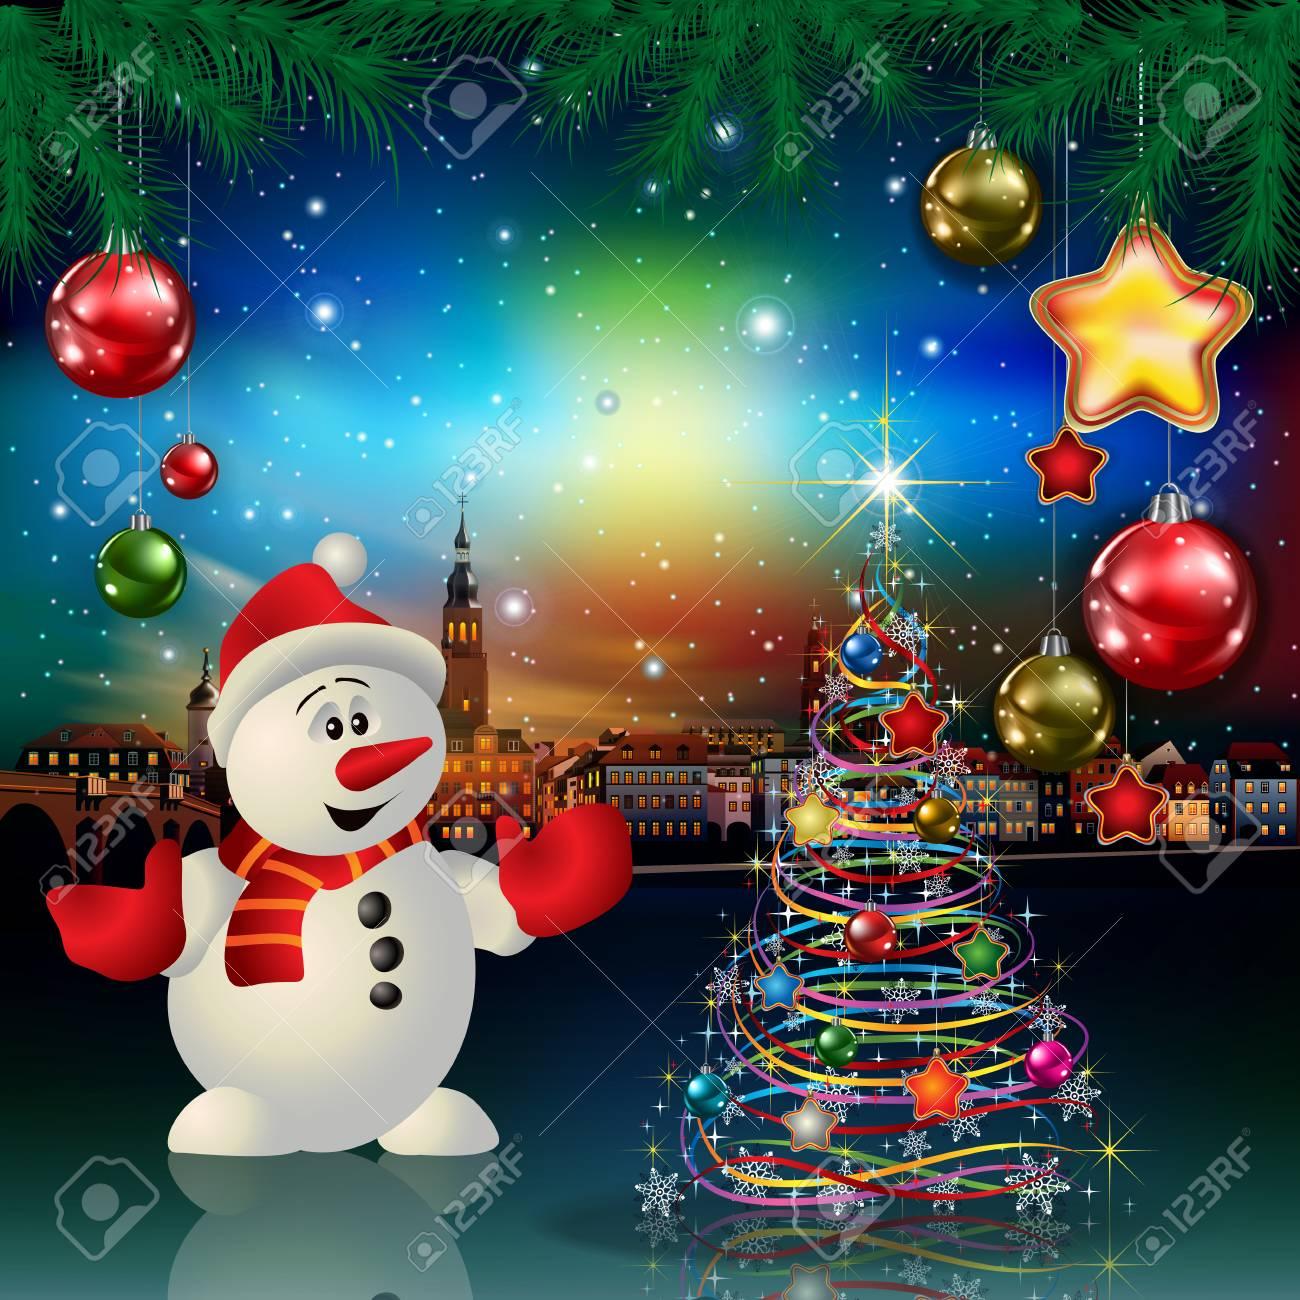 Foto Di Natale Con Auguri.Auguri Di Natale Con Panorama Della Citta E Del Pupazzo Di Neve